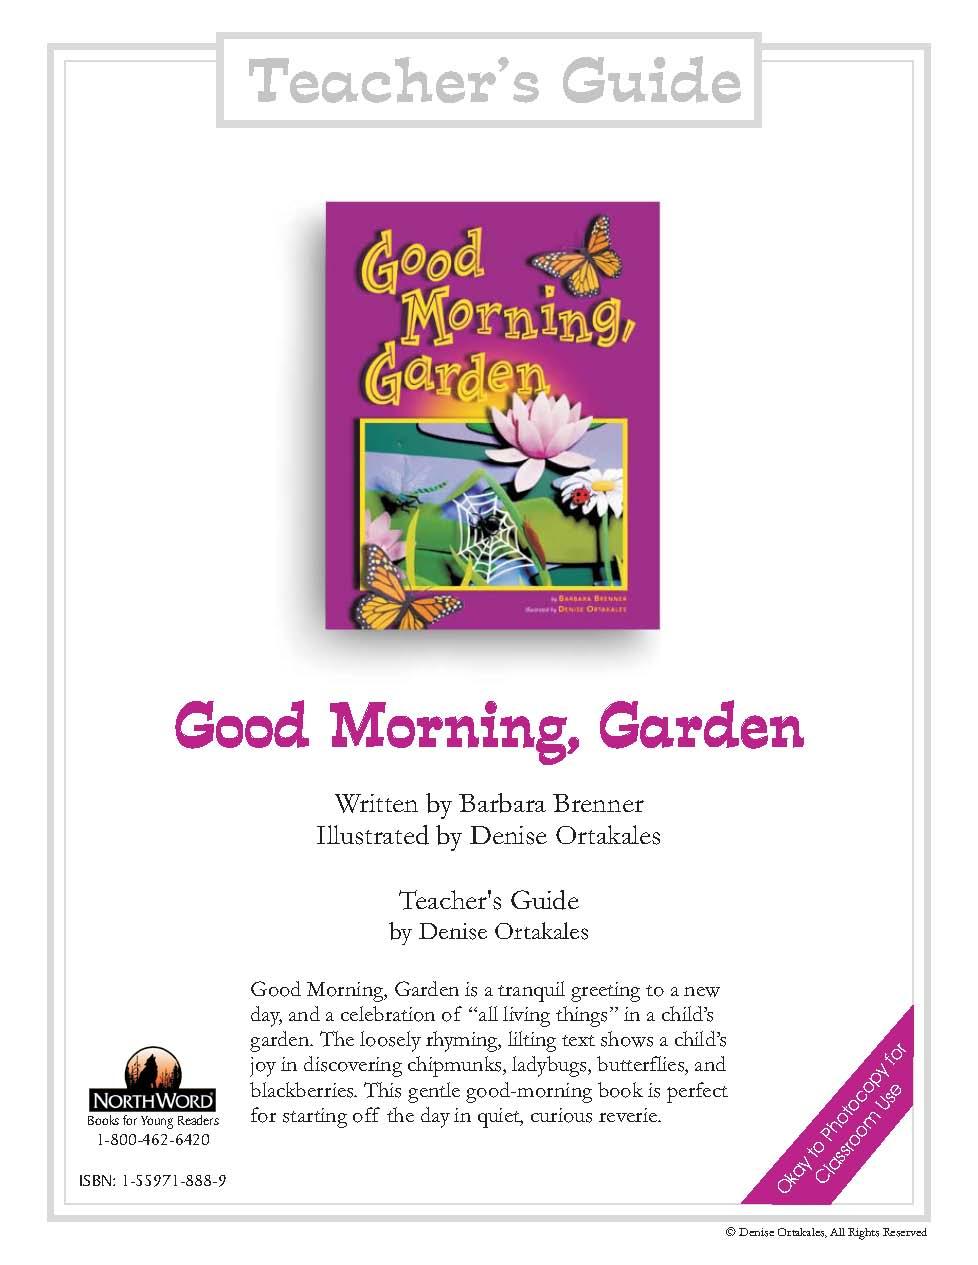 Good Morning, Garden Teacher's Guide ©Denise Ortakales